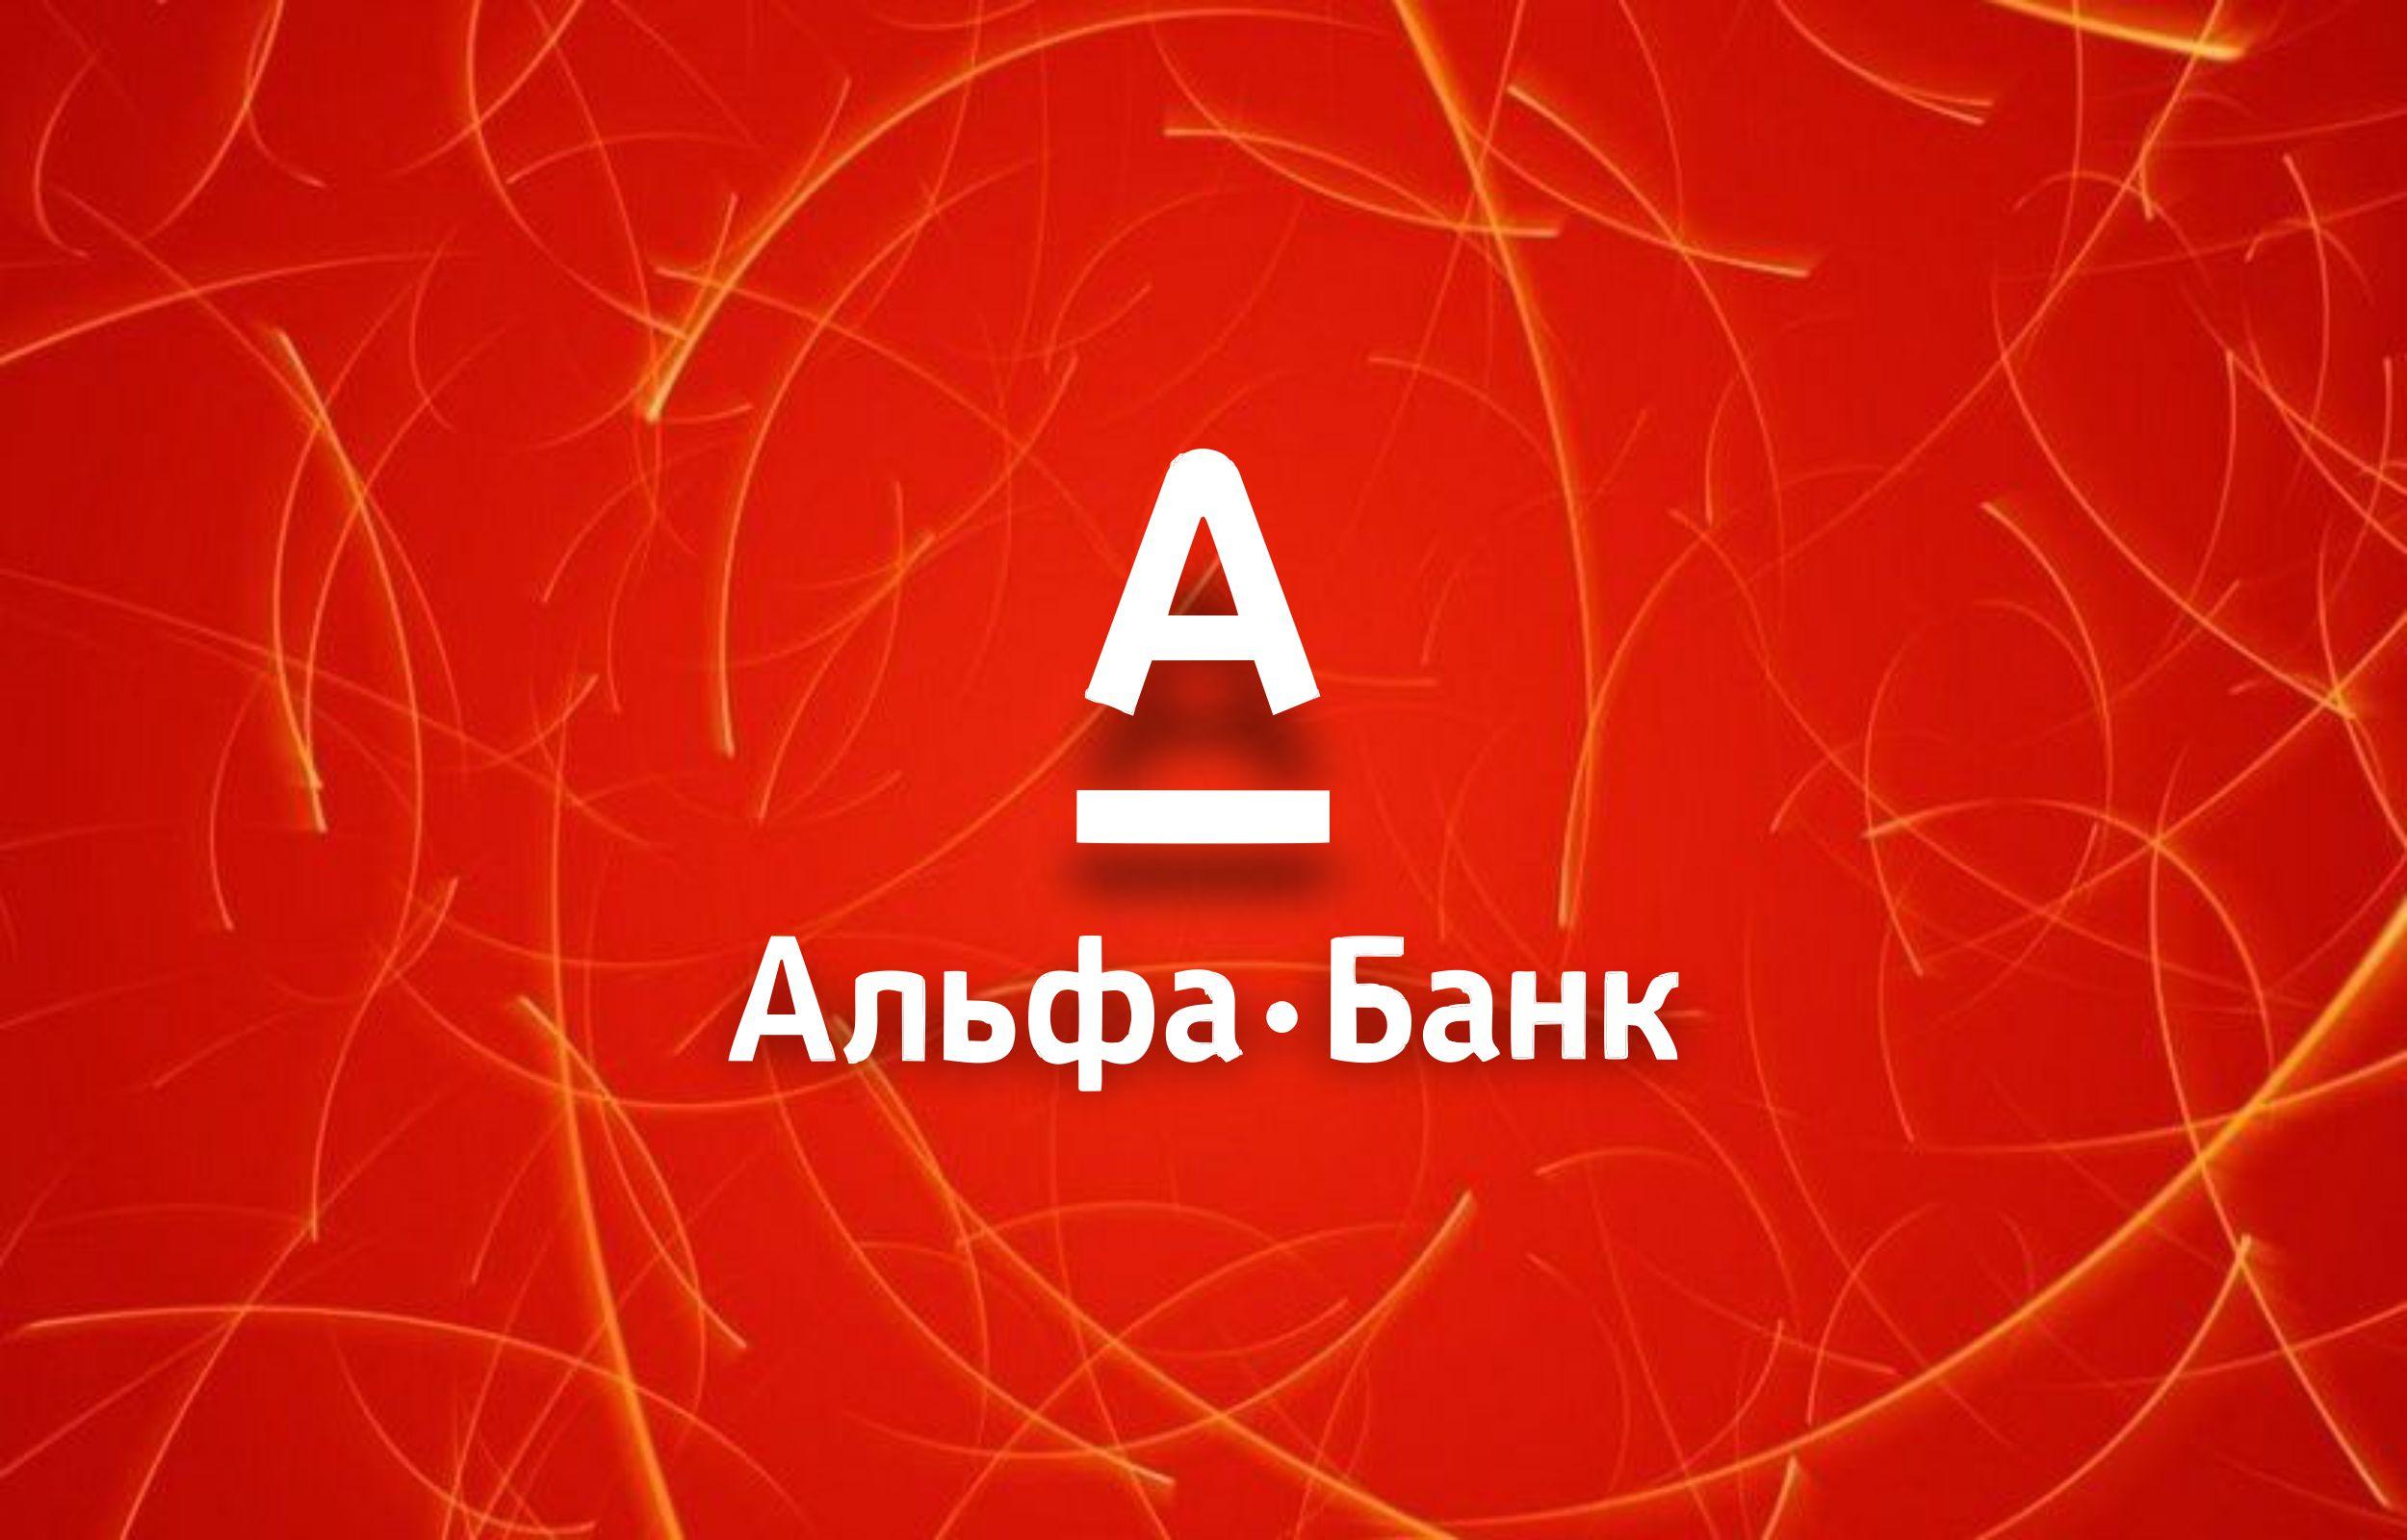 Возврат страховки Альфа Банк: подробная инструкция для заемщика